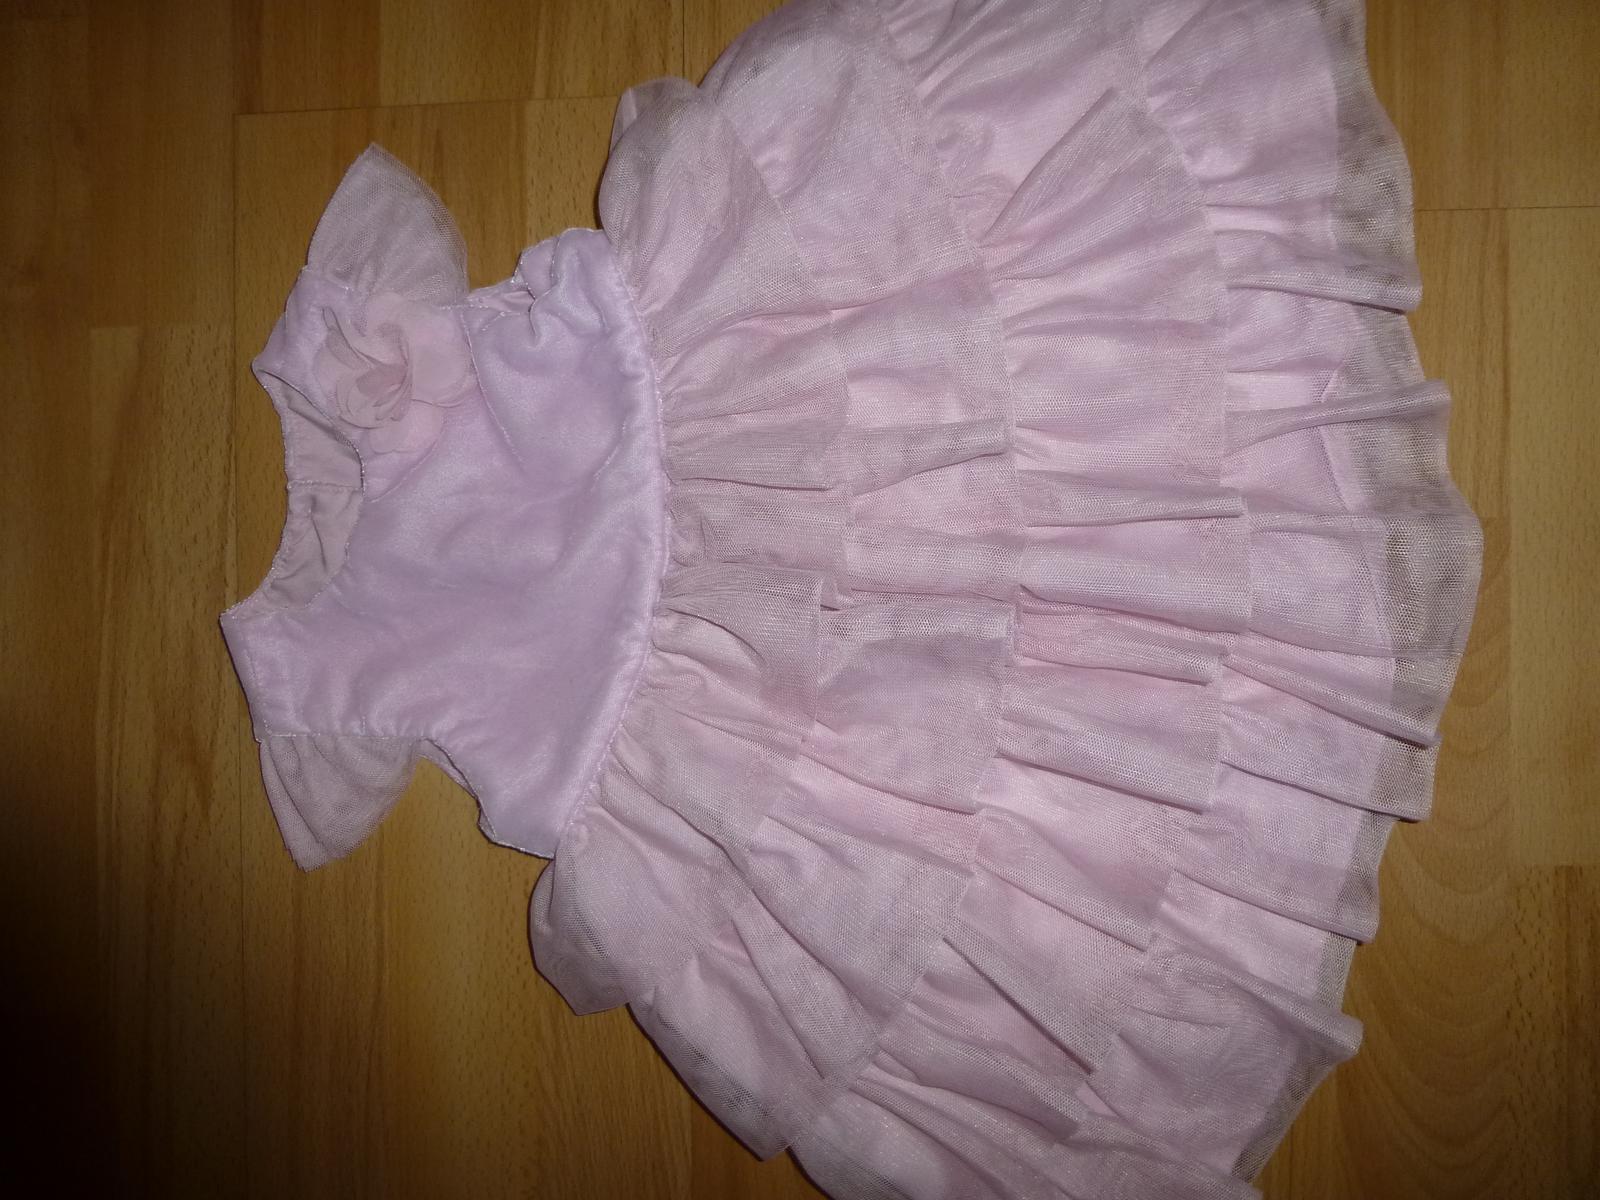 Růžové tylové šaty s volánky - Obrázek č. 1